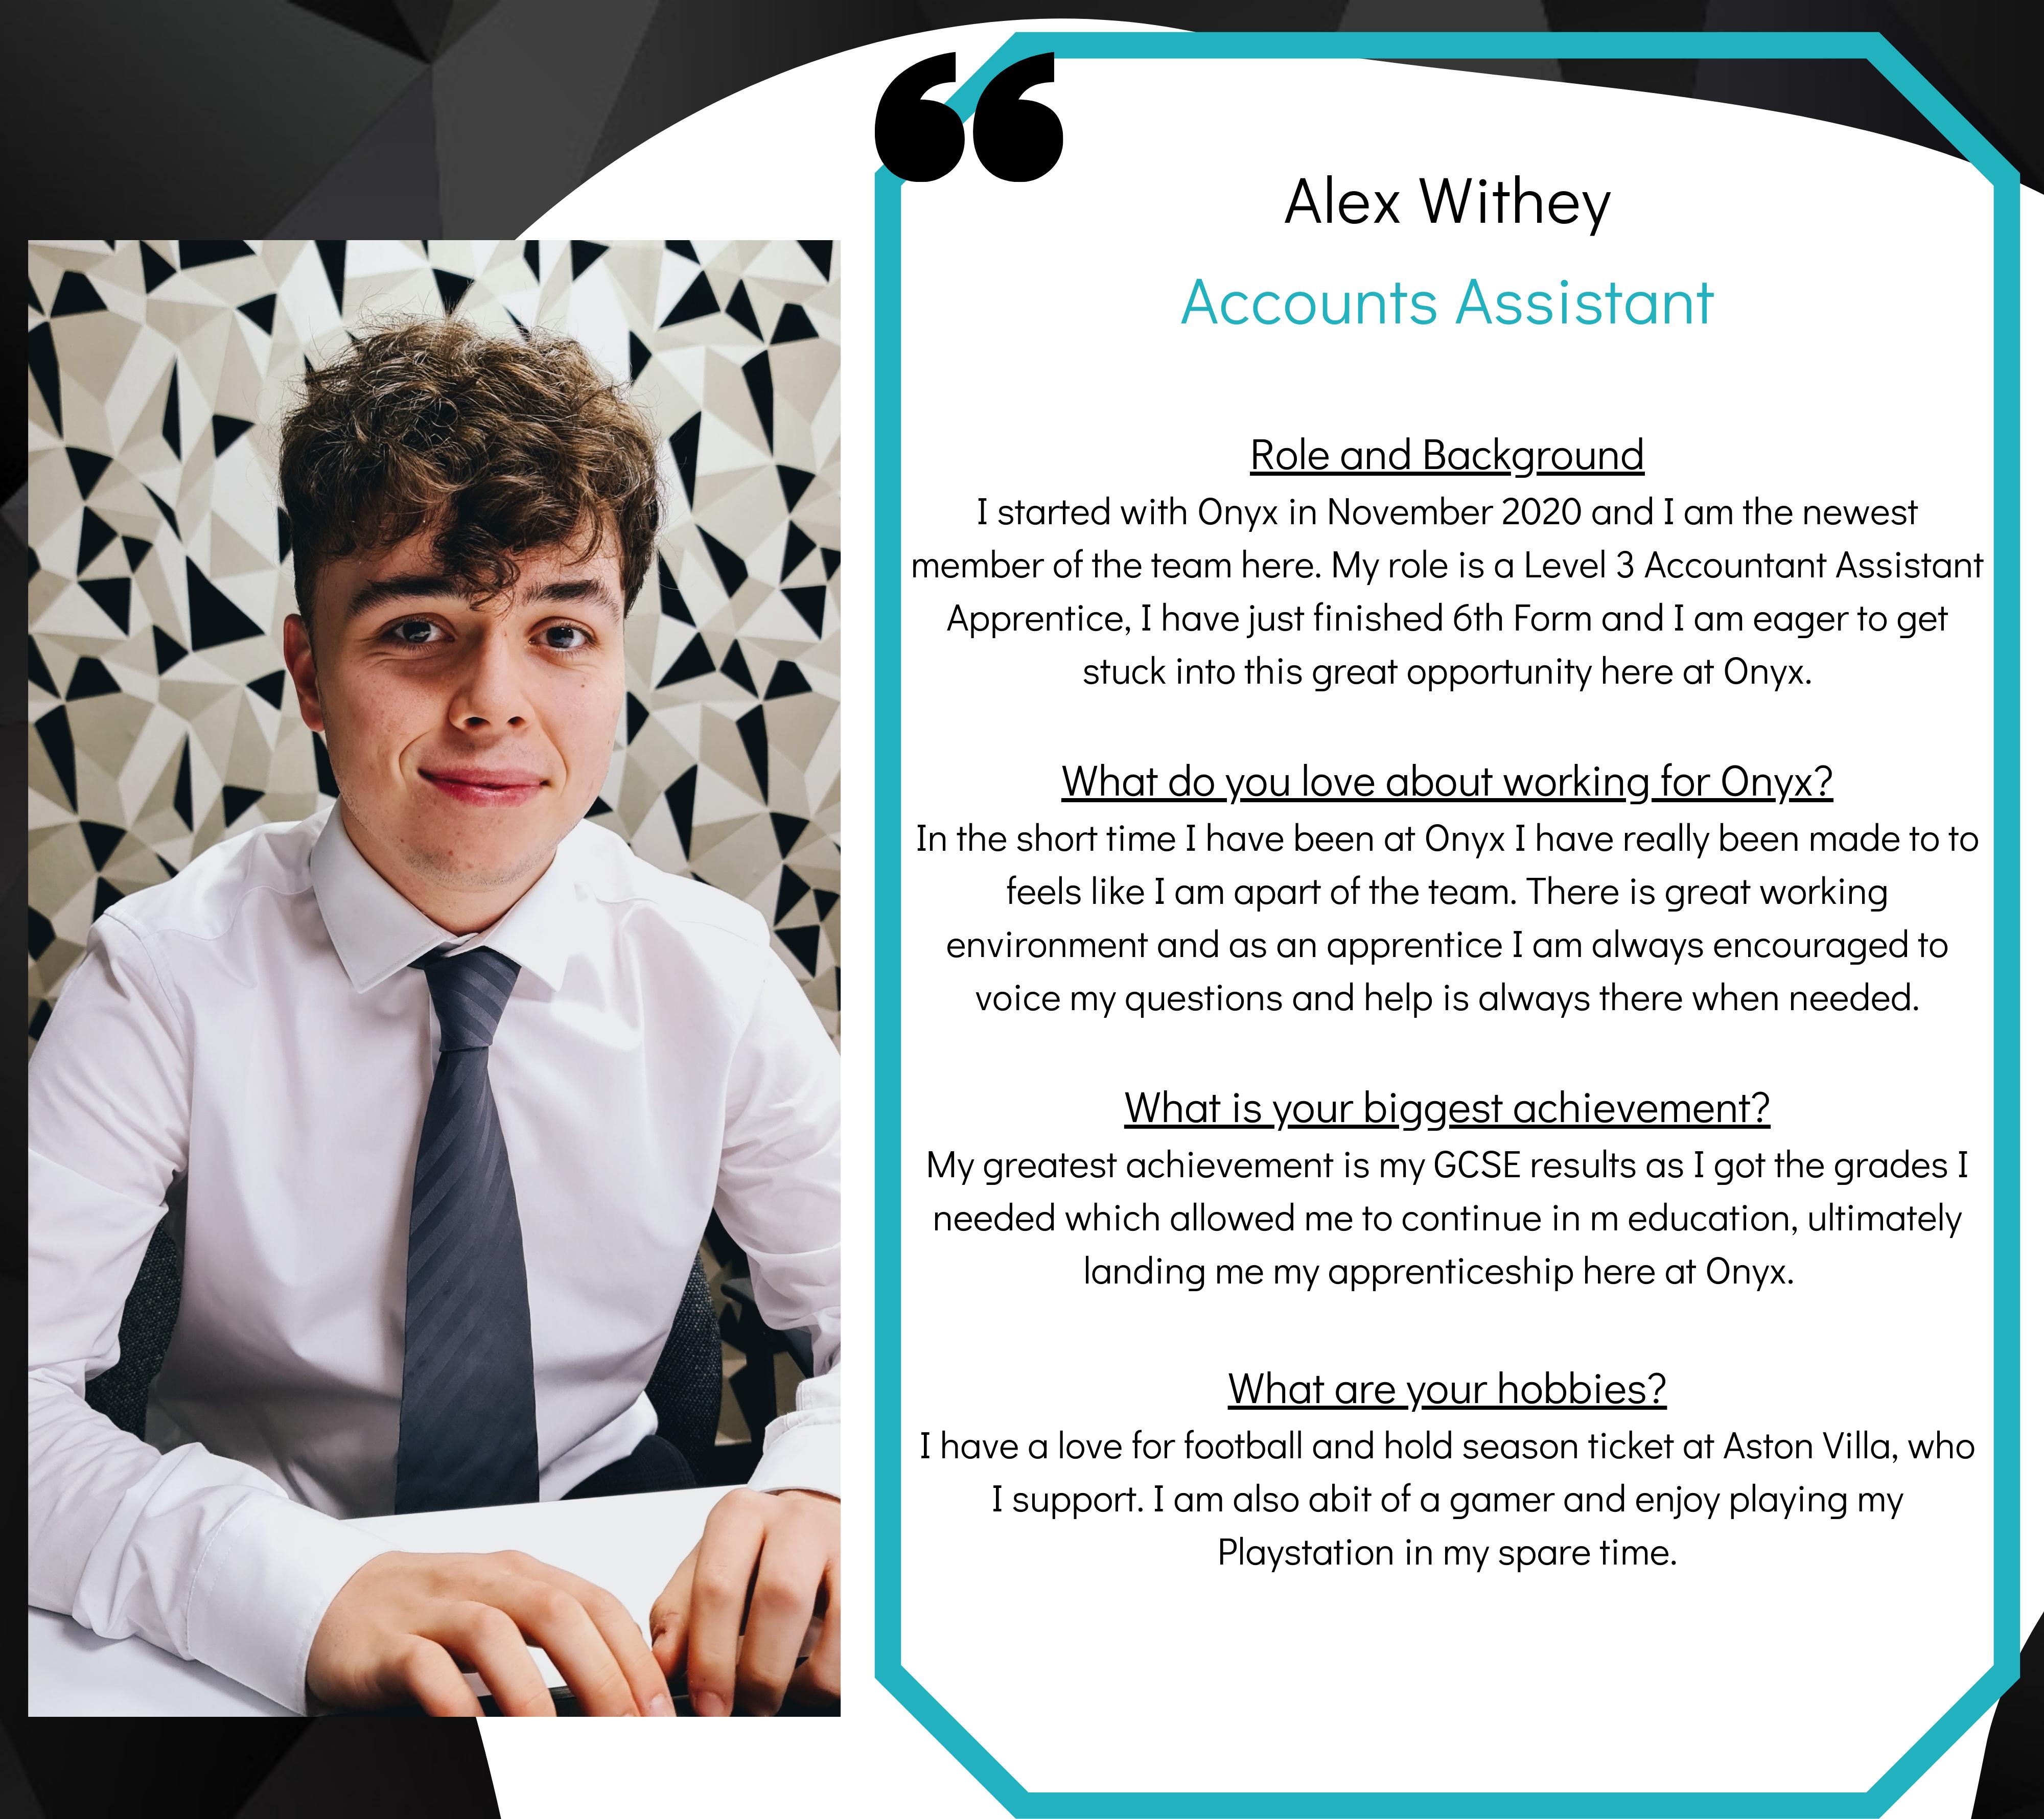 Alex Withey